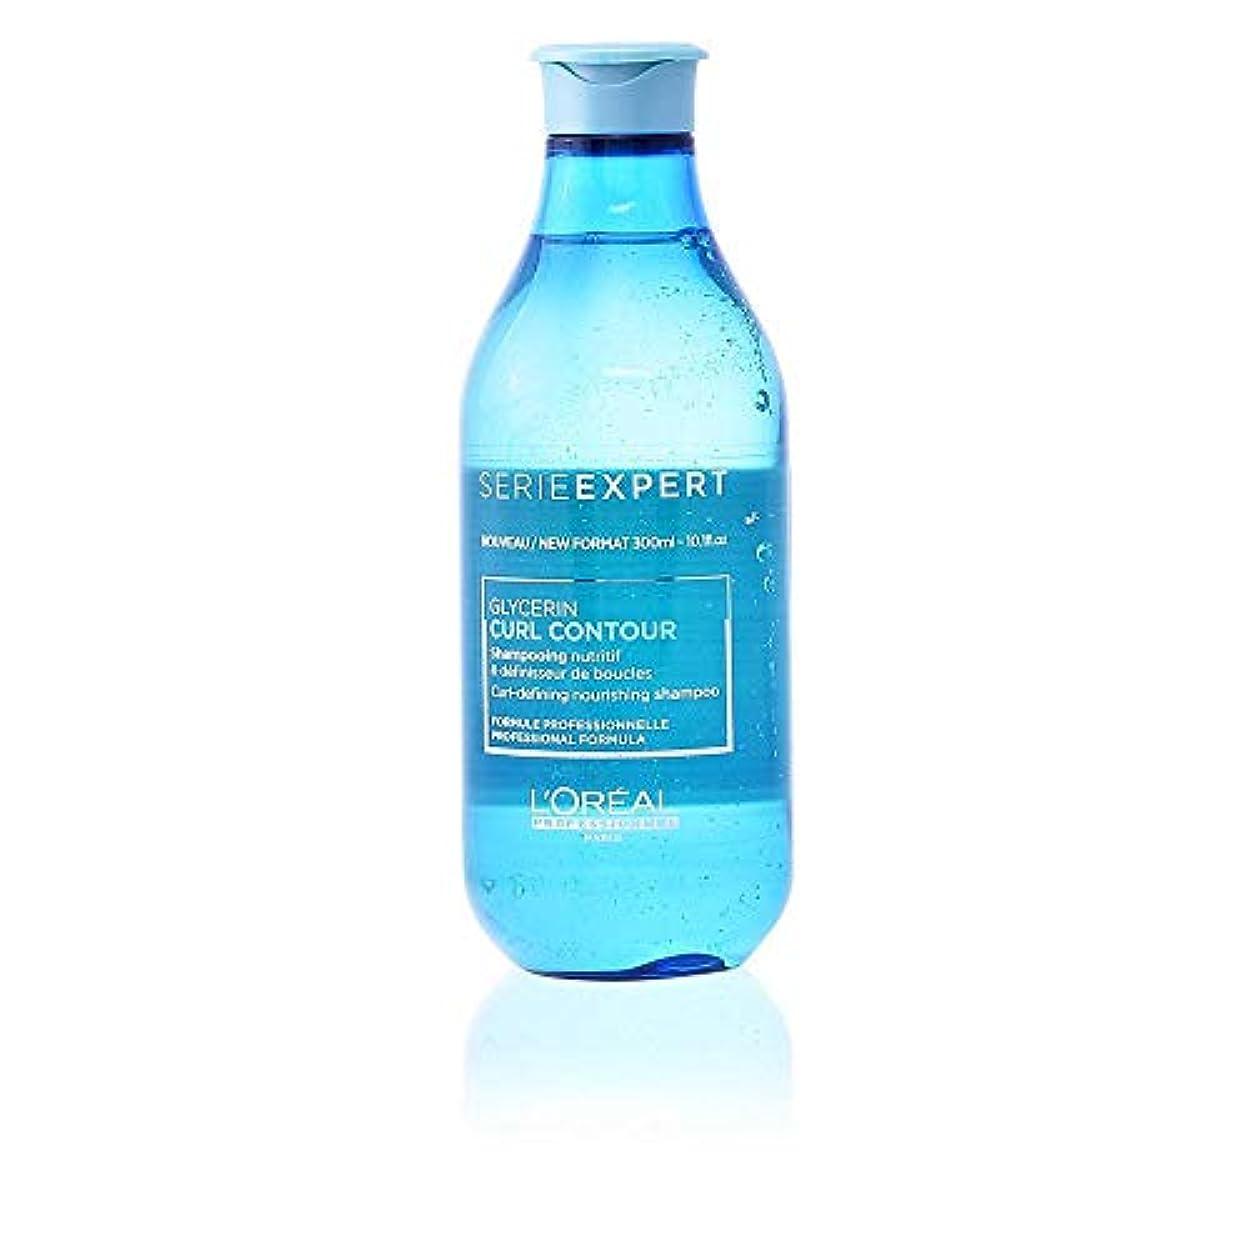 減る教科書トレッドロレアル Professionnel Serie Expert - Curl Contour Glycerin Curl-Defining Nourishing Shampoo 300ml/10.1oz並行輸入品